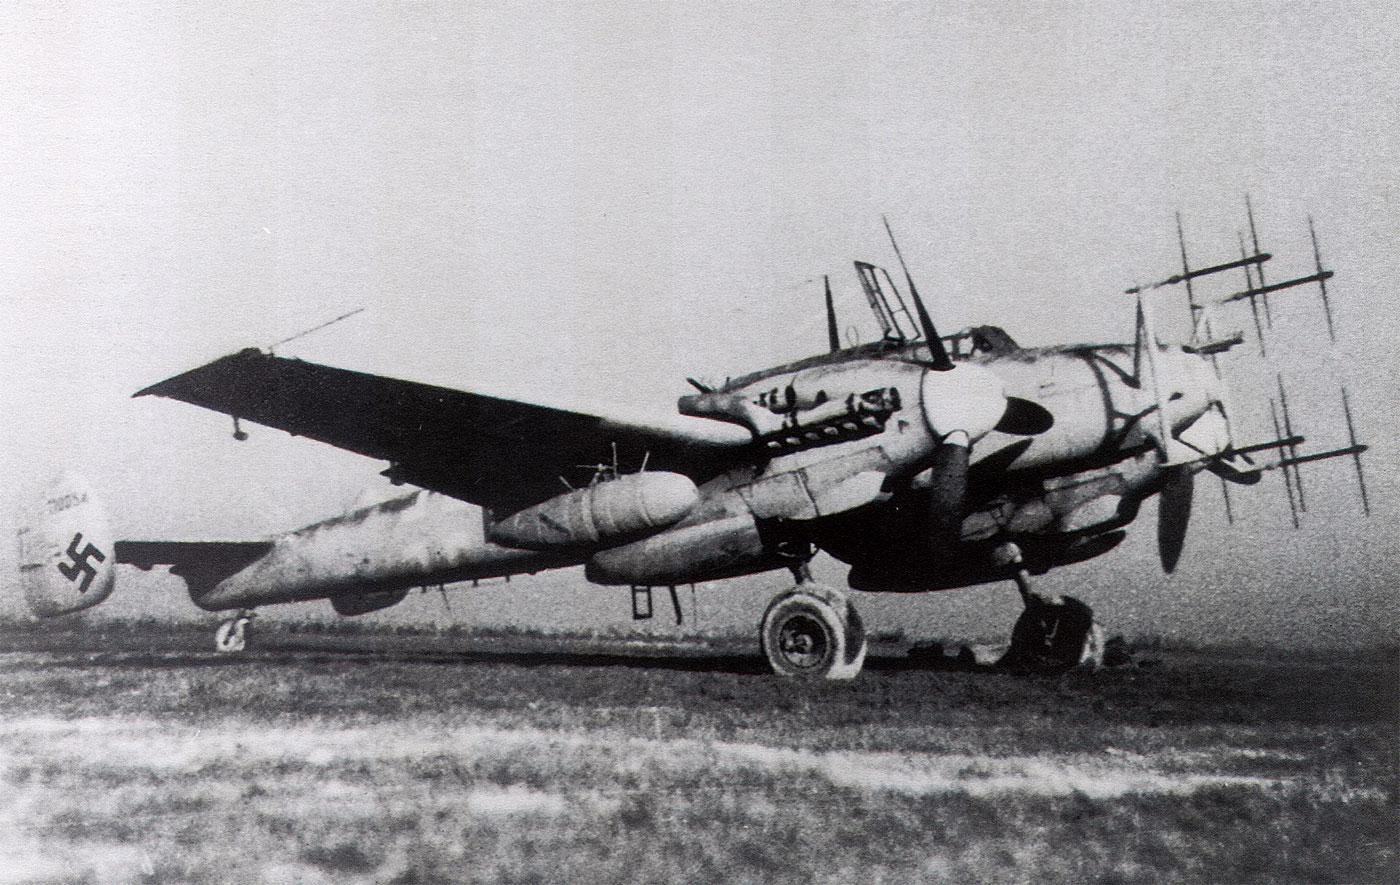 The Survivors: Messerschmitt Bf 110 Zerstörer – Aces Flying High